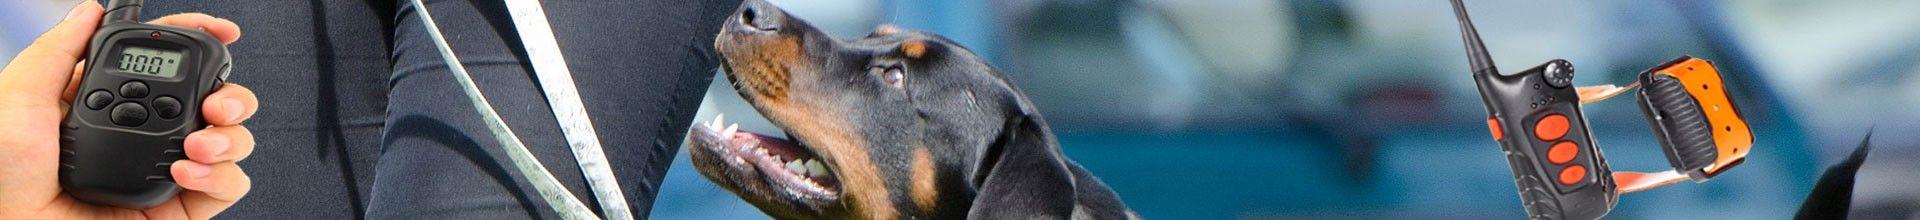 Collare di addestramento per l'educazione del cane.